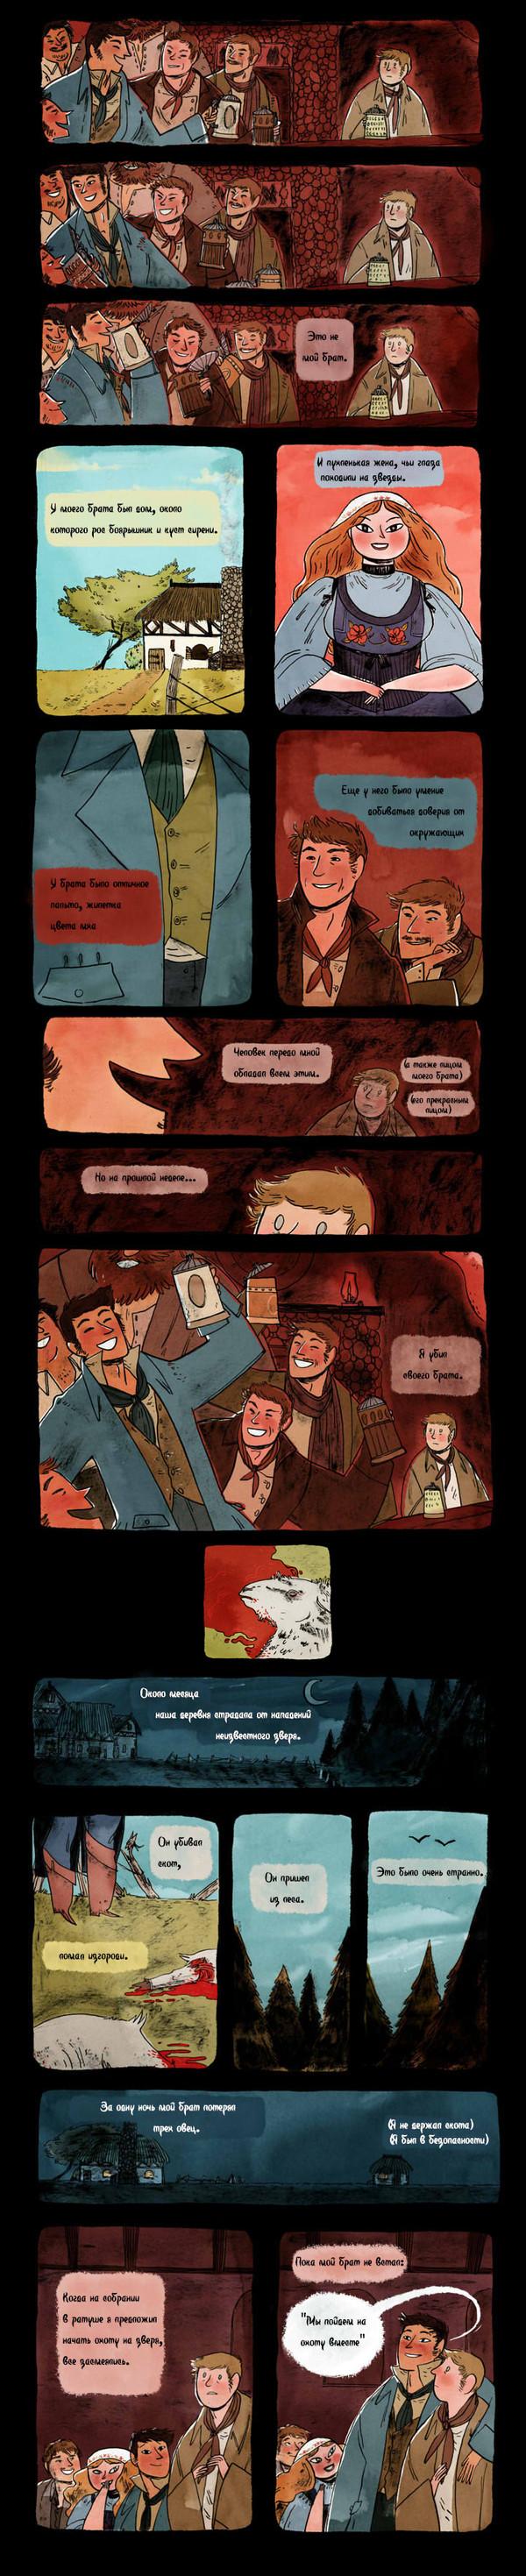 Его лицо было красным Комиксы, переводы, хоррор, длиннопост